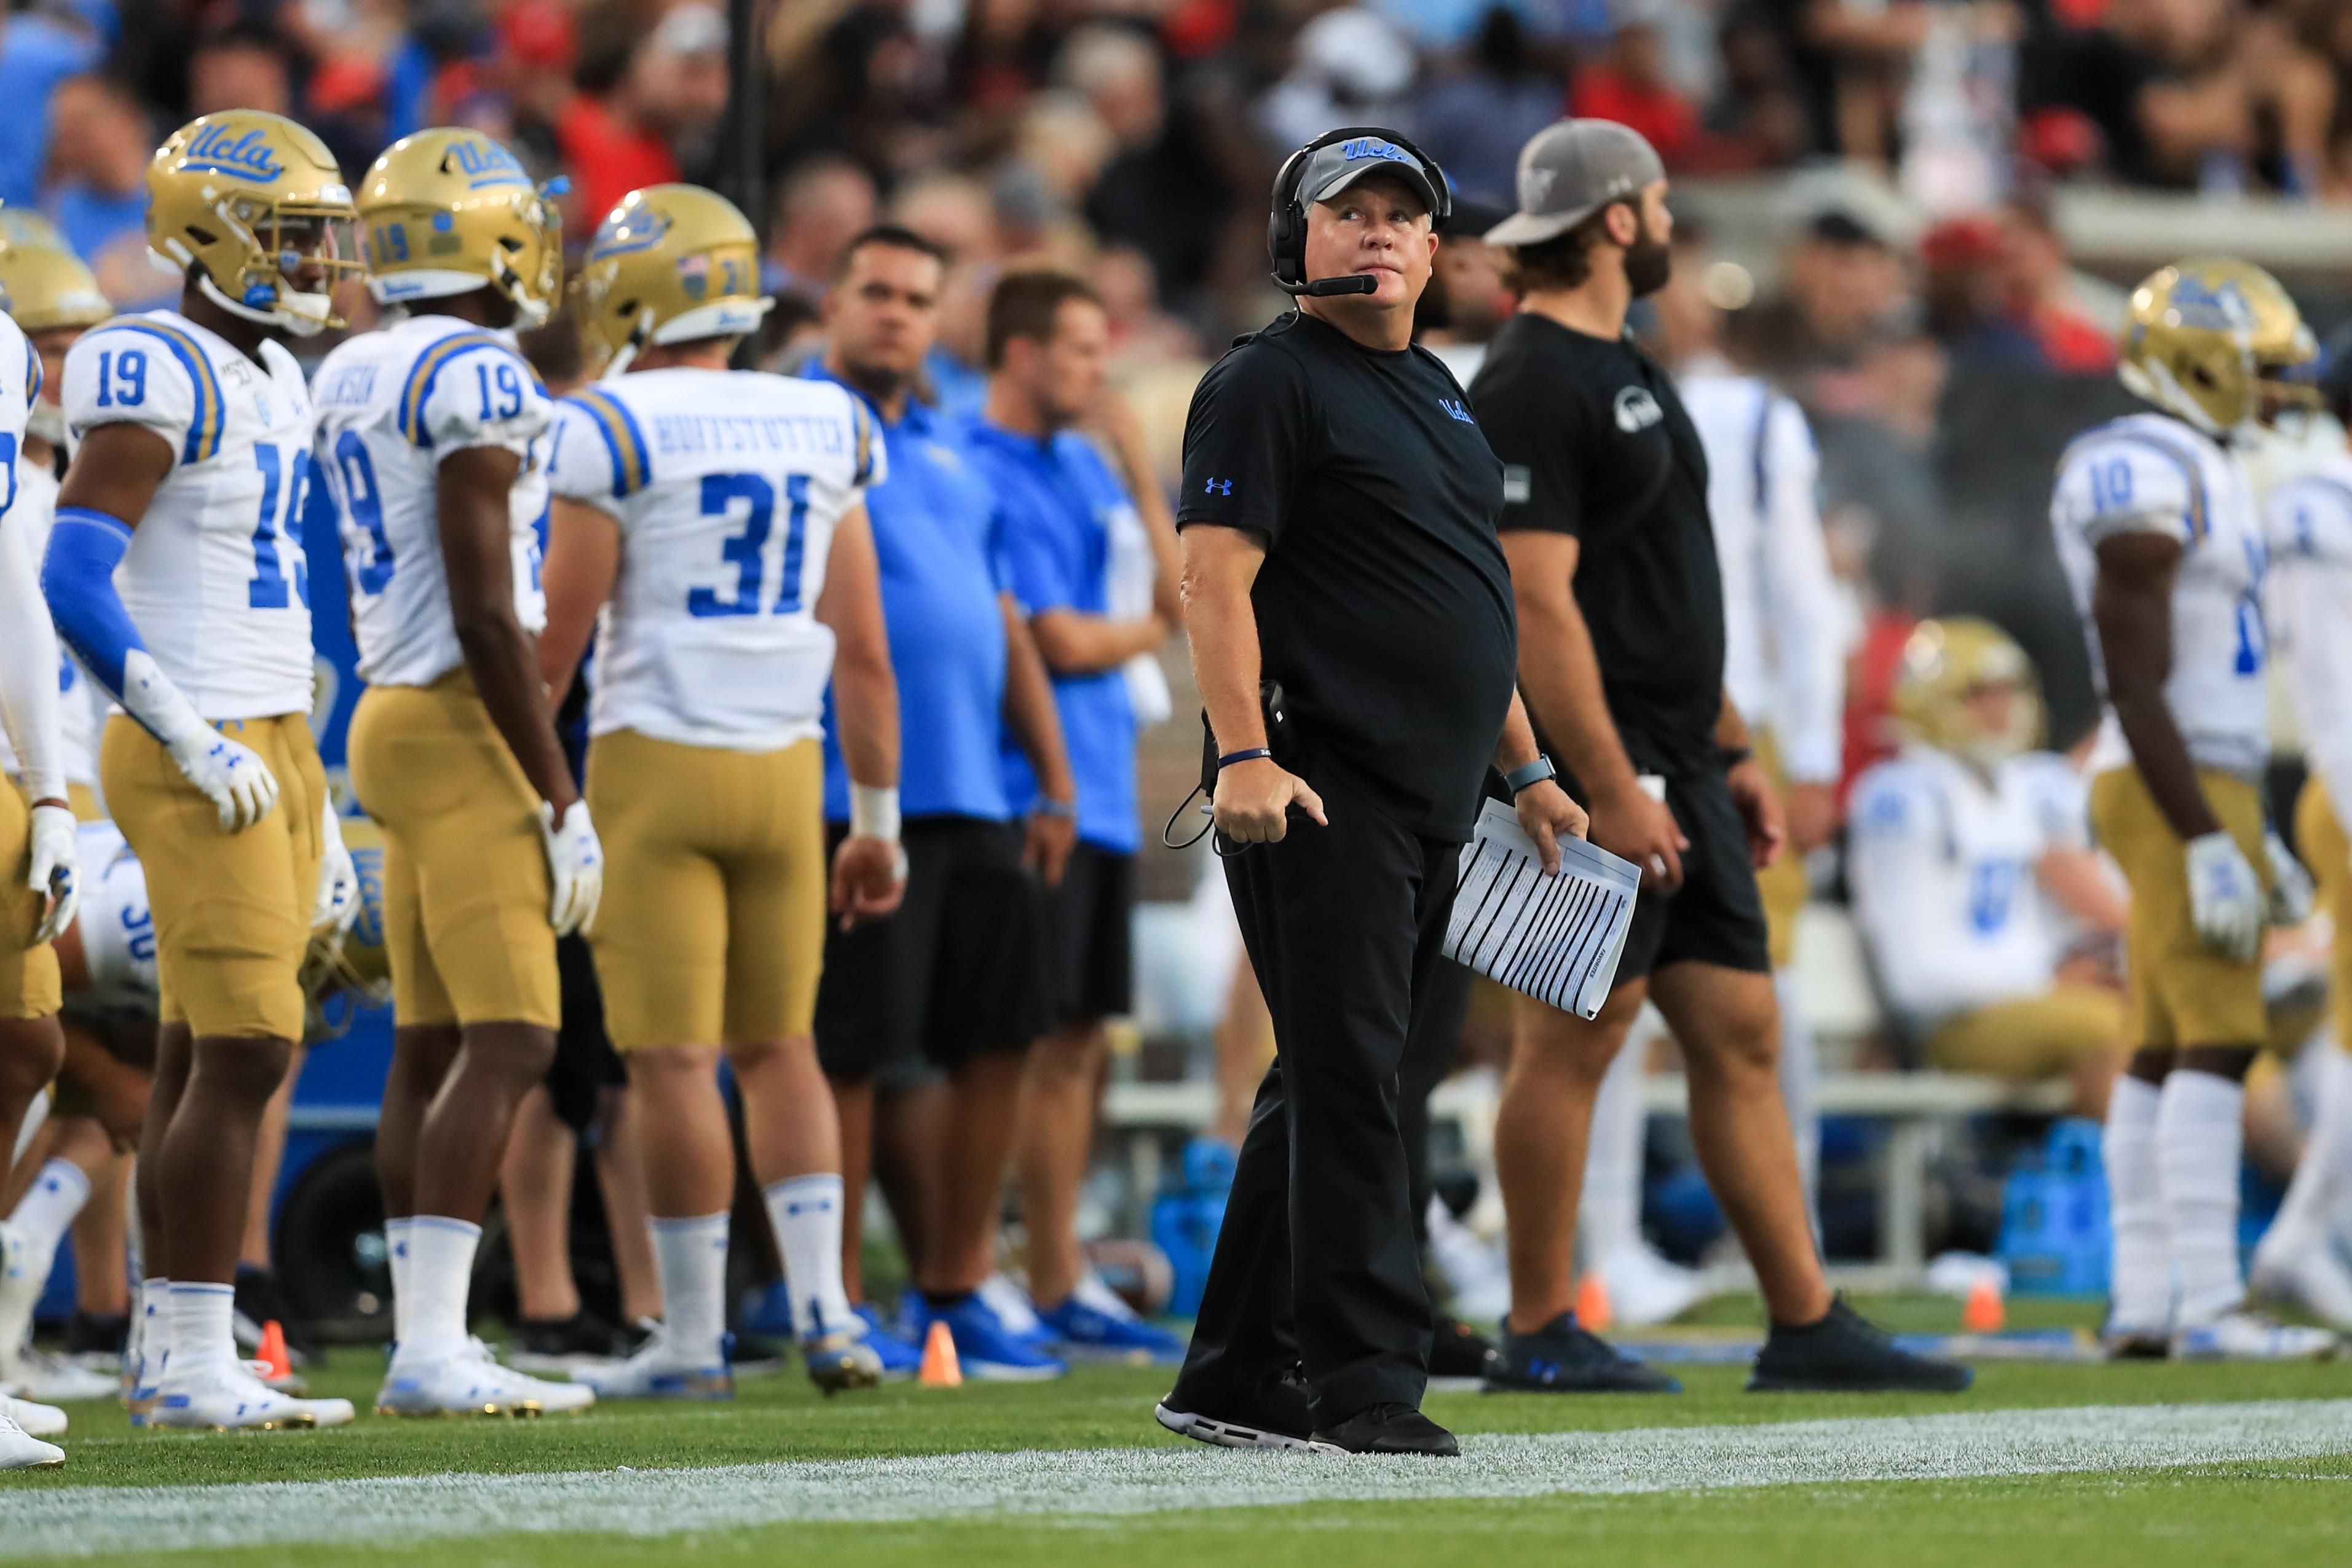 NCAA Football: UCLA at Cincinnati